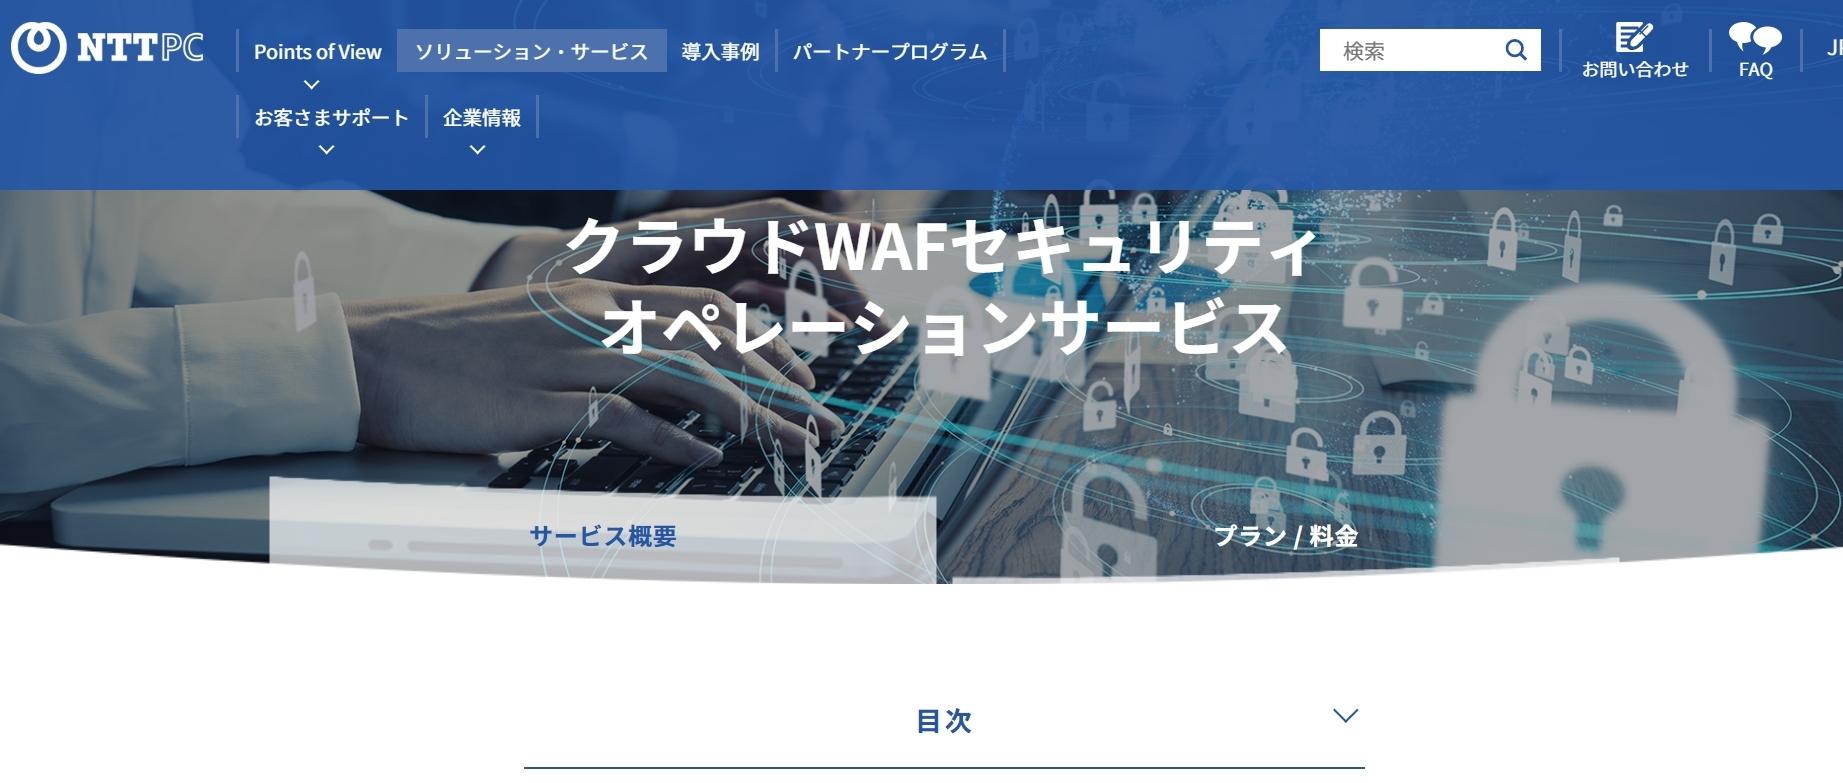 クラウドWAFセキュリティオペレーションサービス